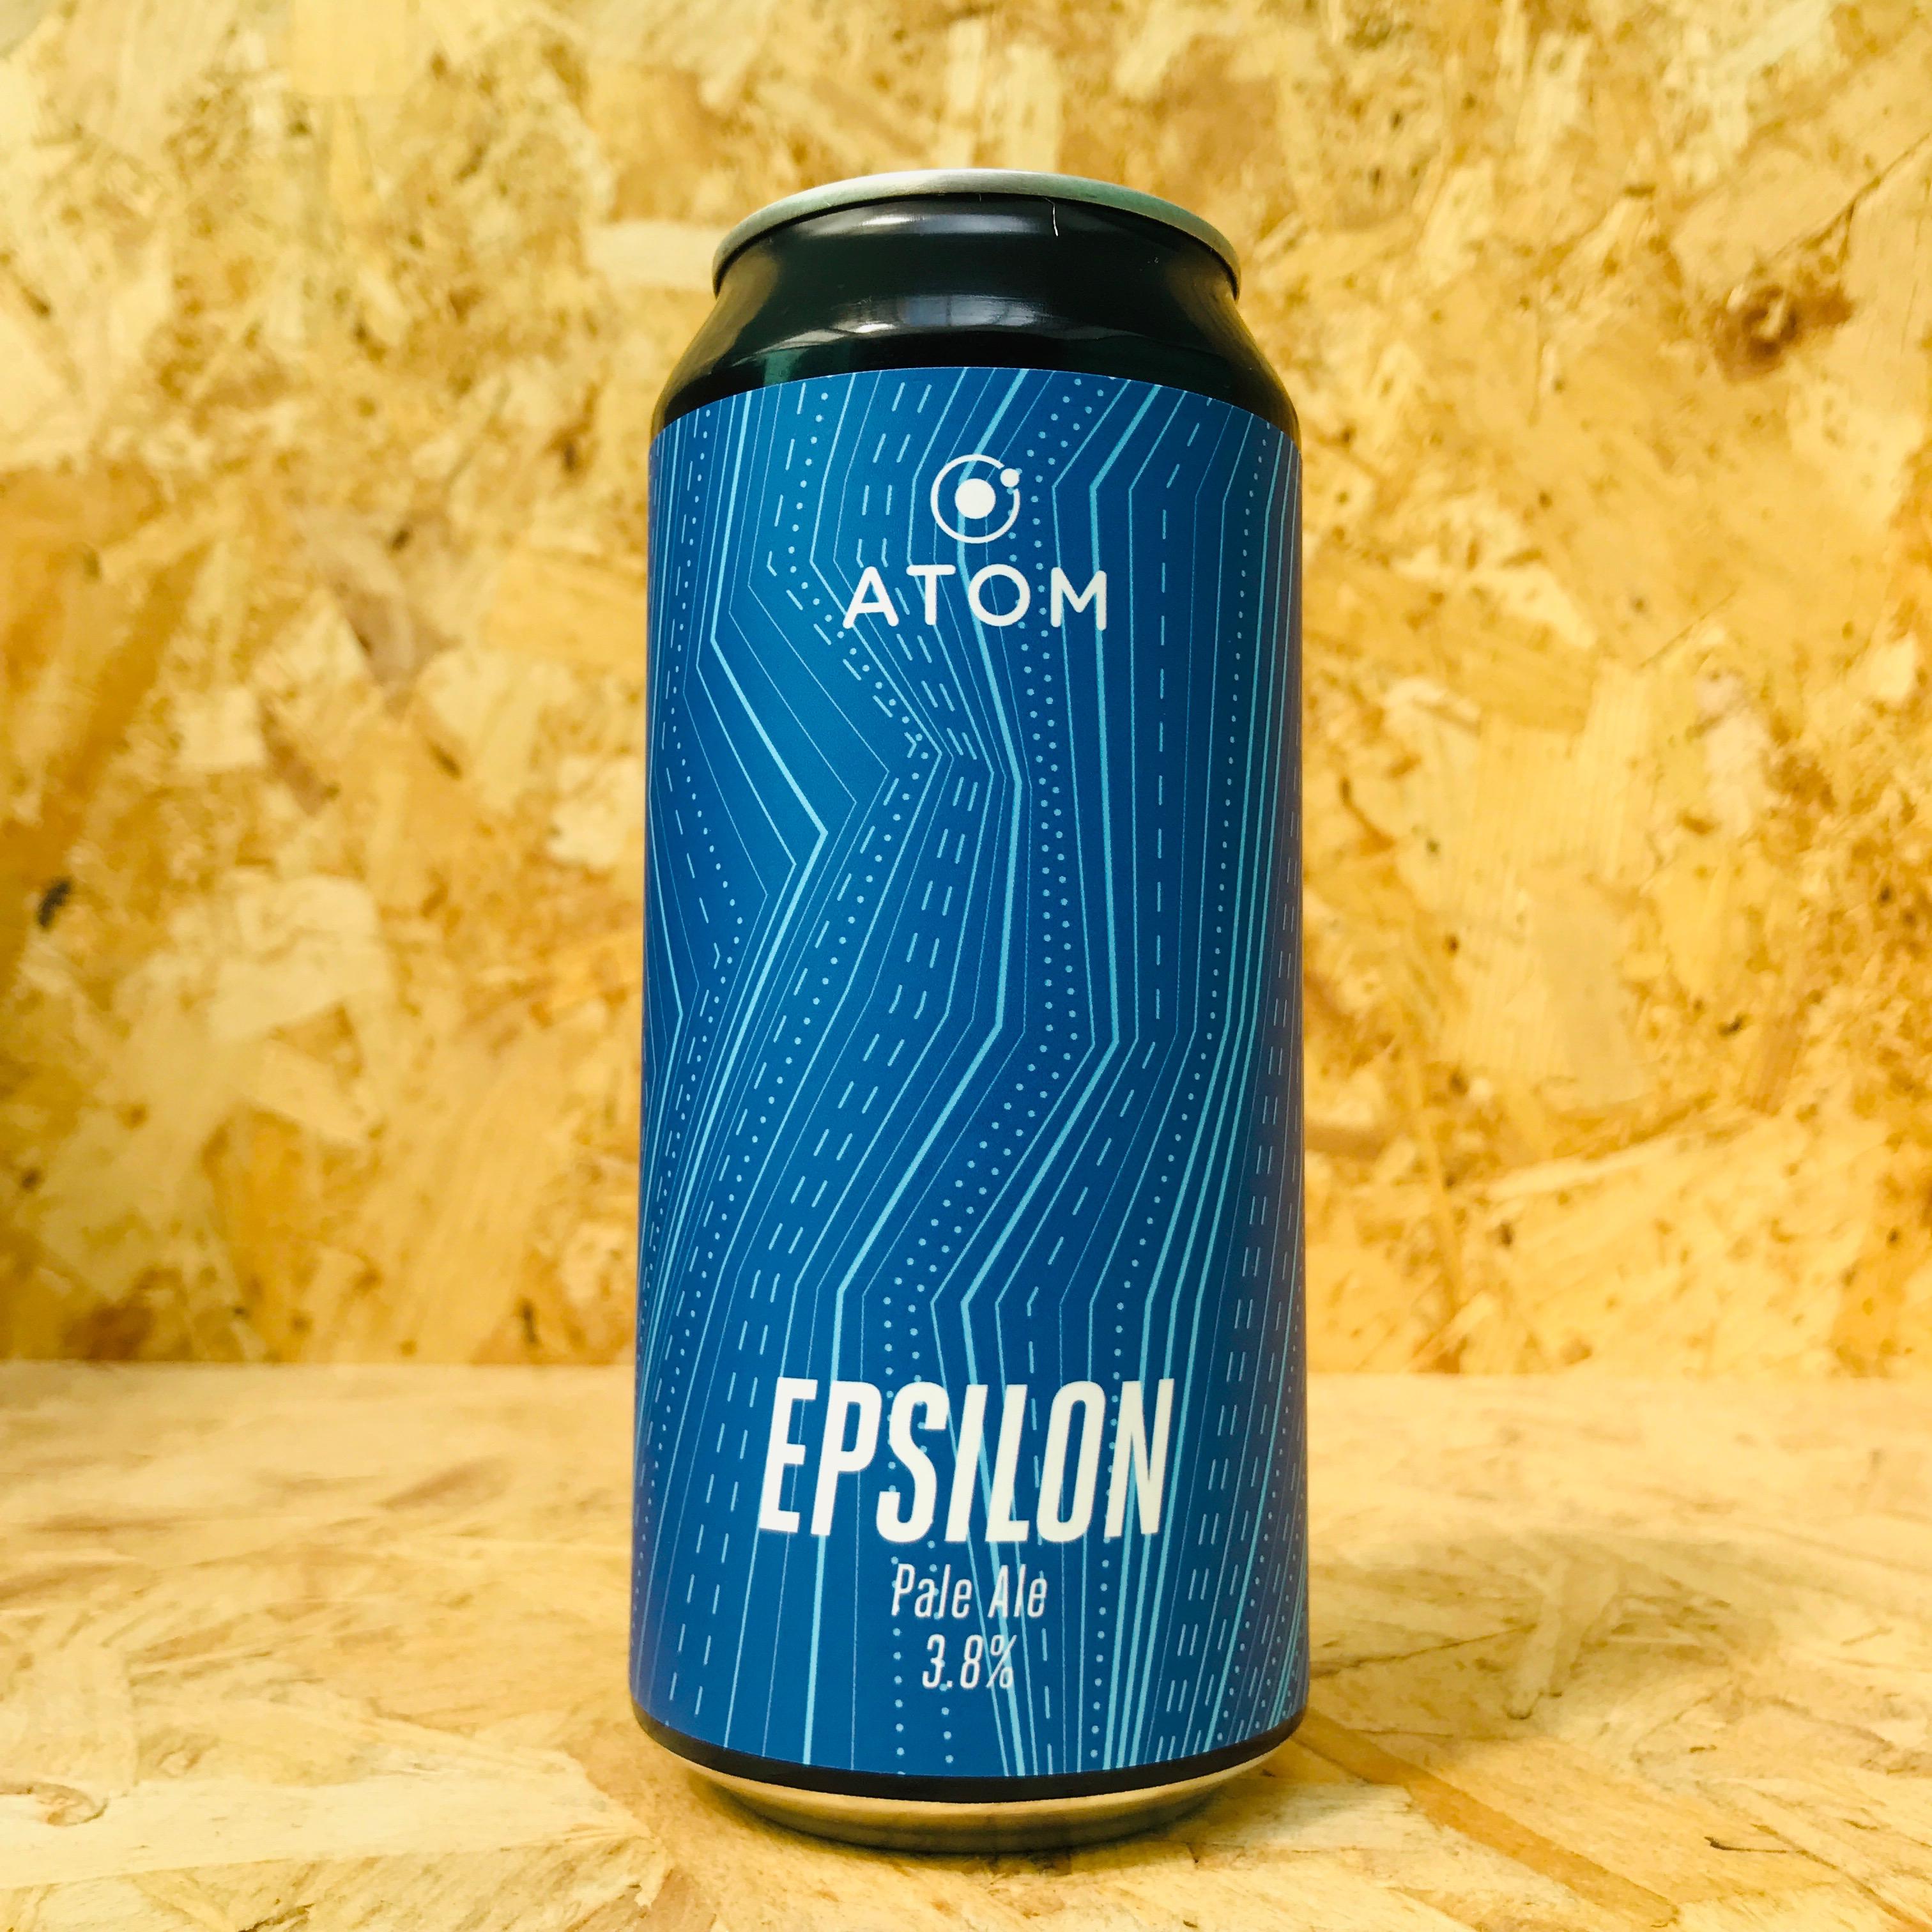 Atom - Epsilon